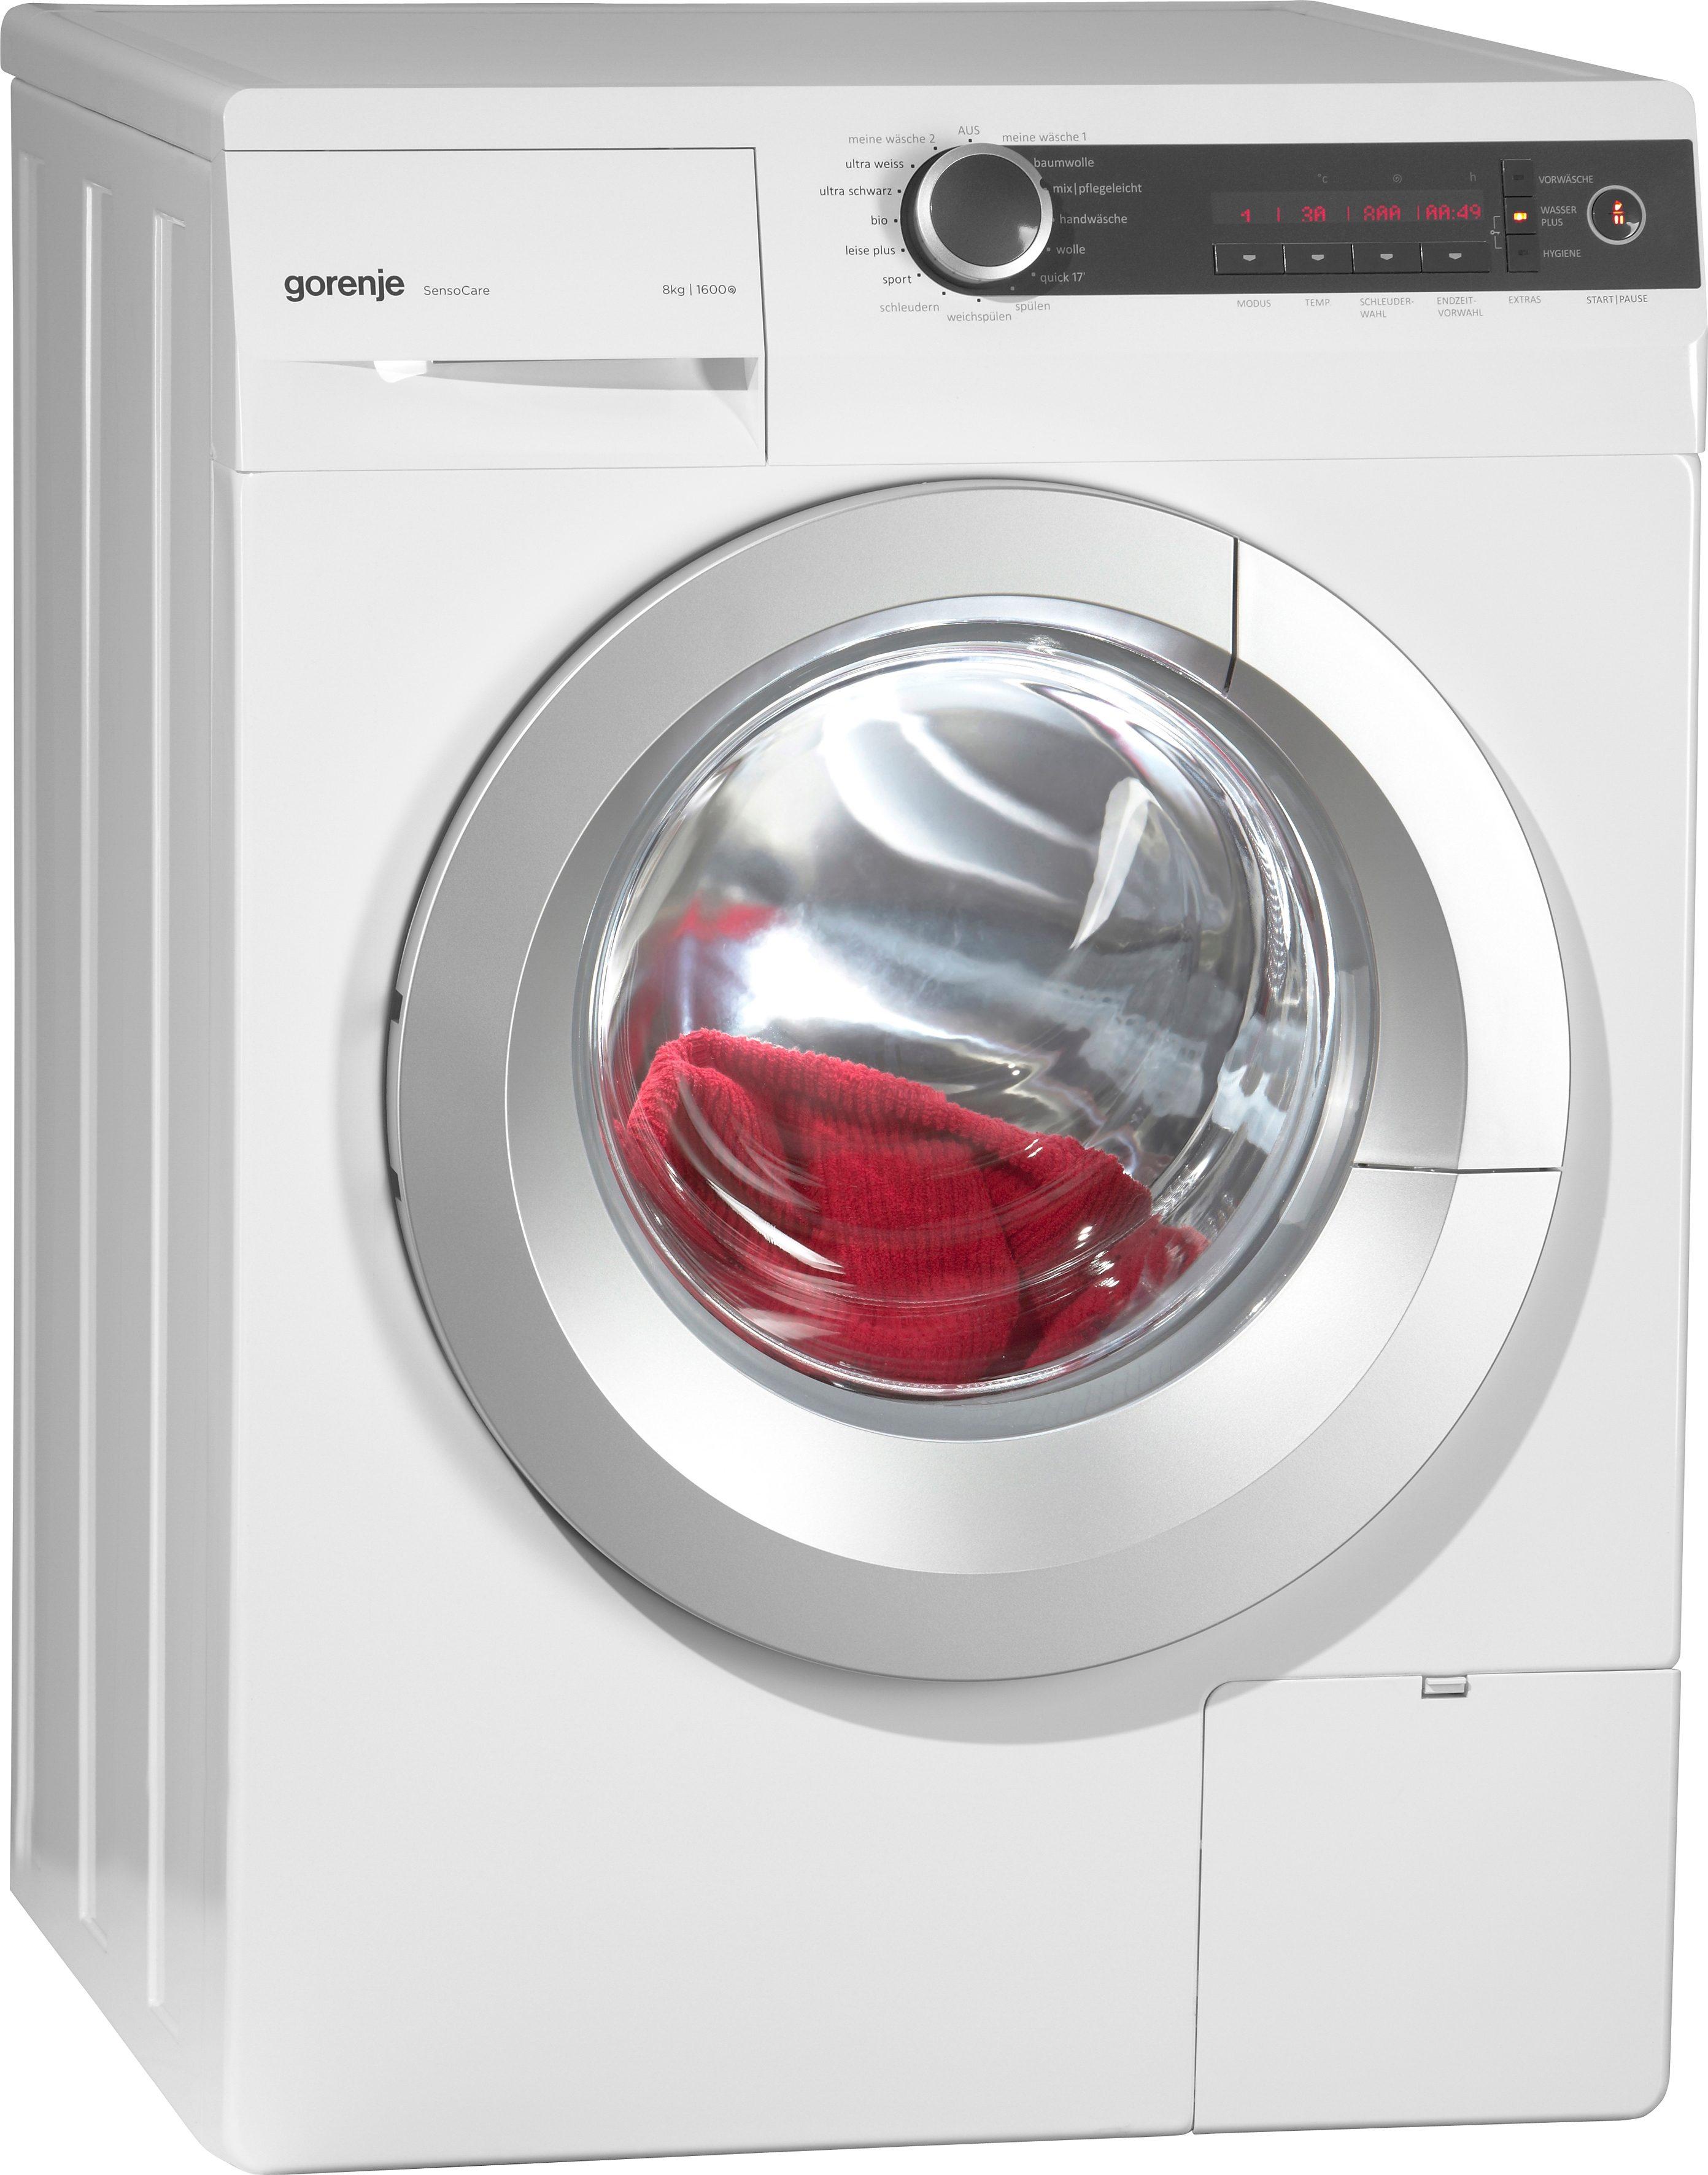 GORENJE Waschmaschine W8665I, A+++, 8 kg, 1600 U/Min